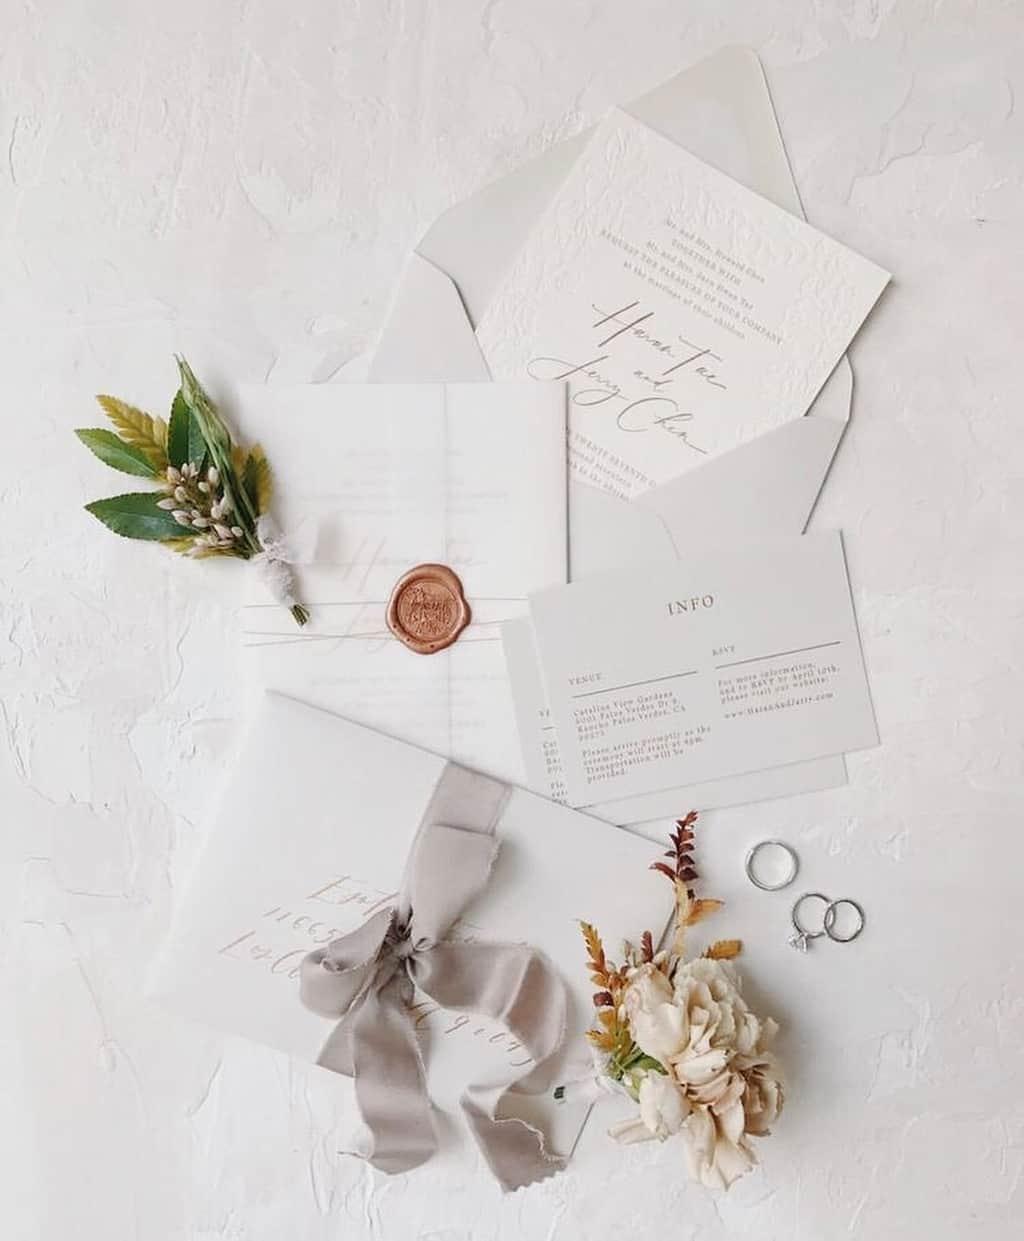 結婚式招待状】返信ハガキの基本マナーと喜ばれるメッセージ実例大全